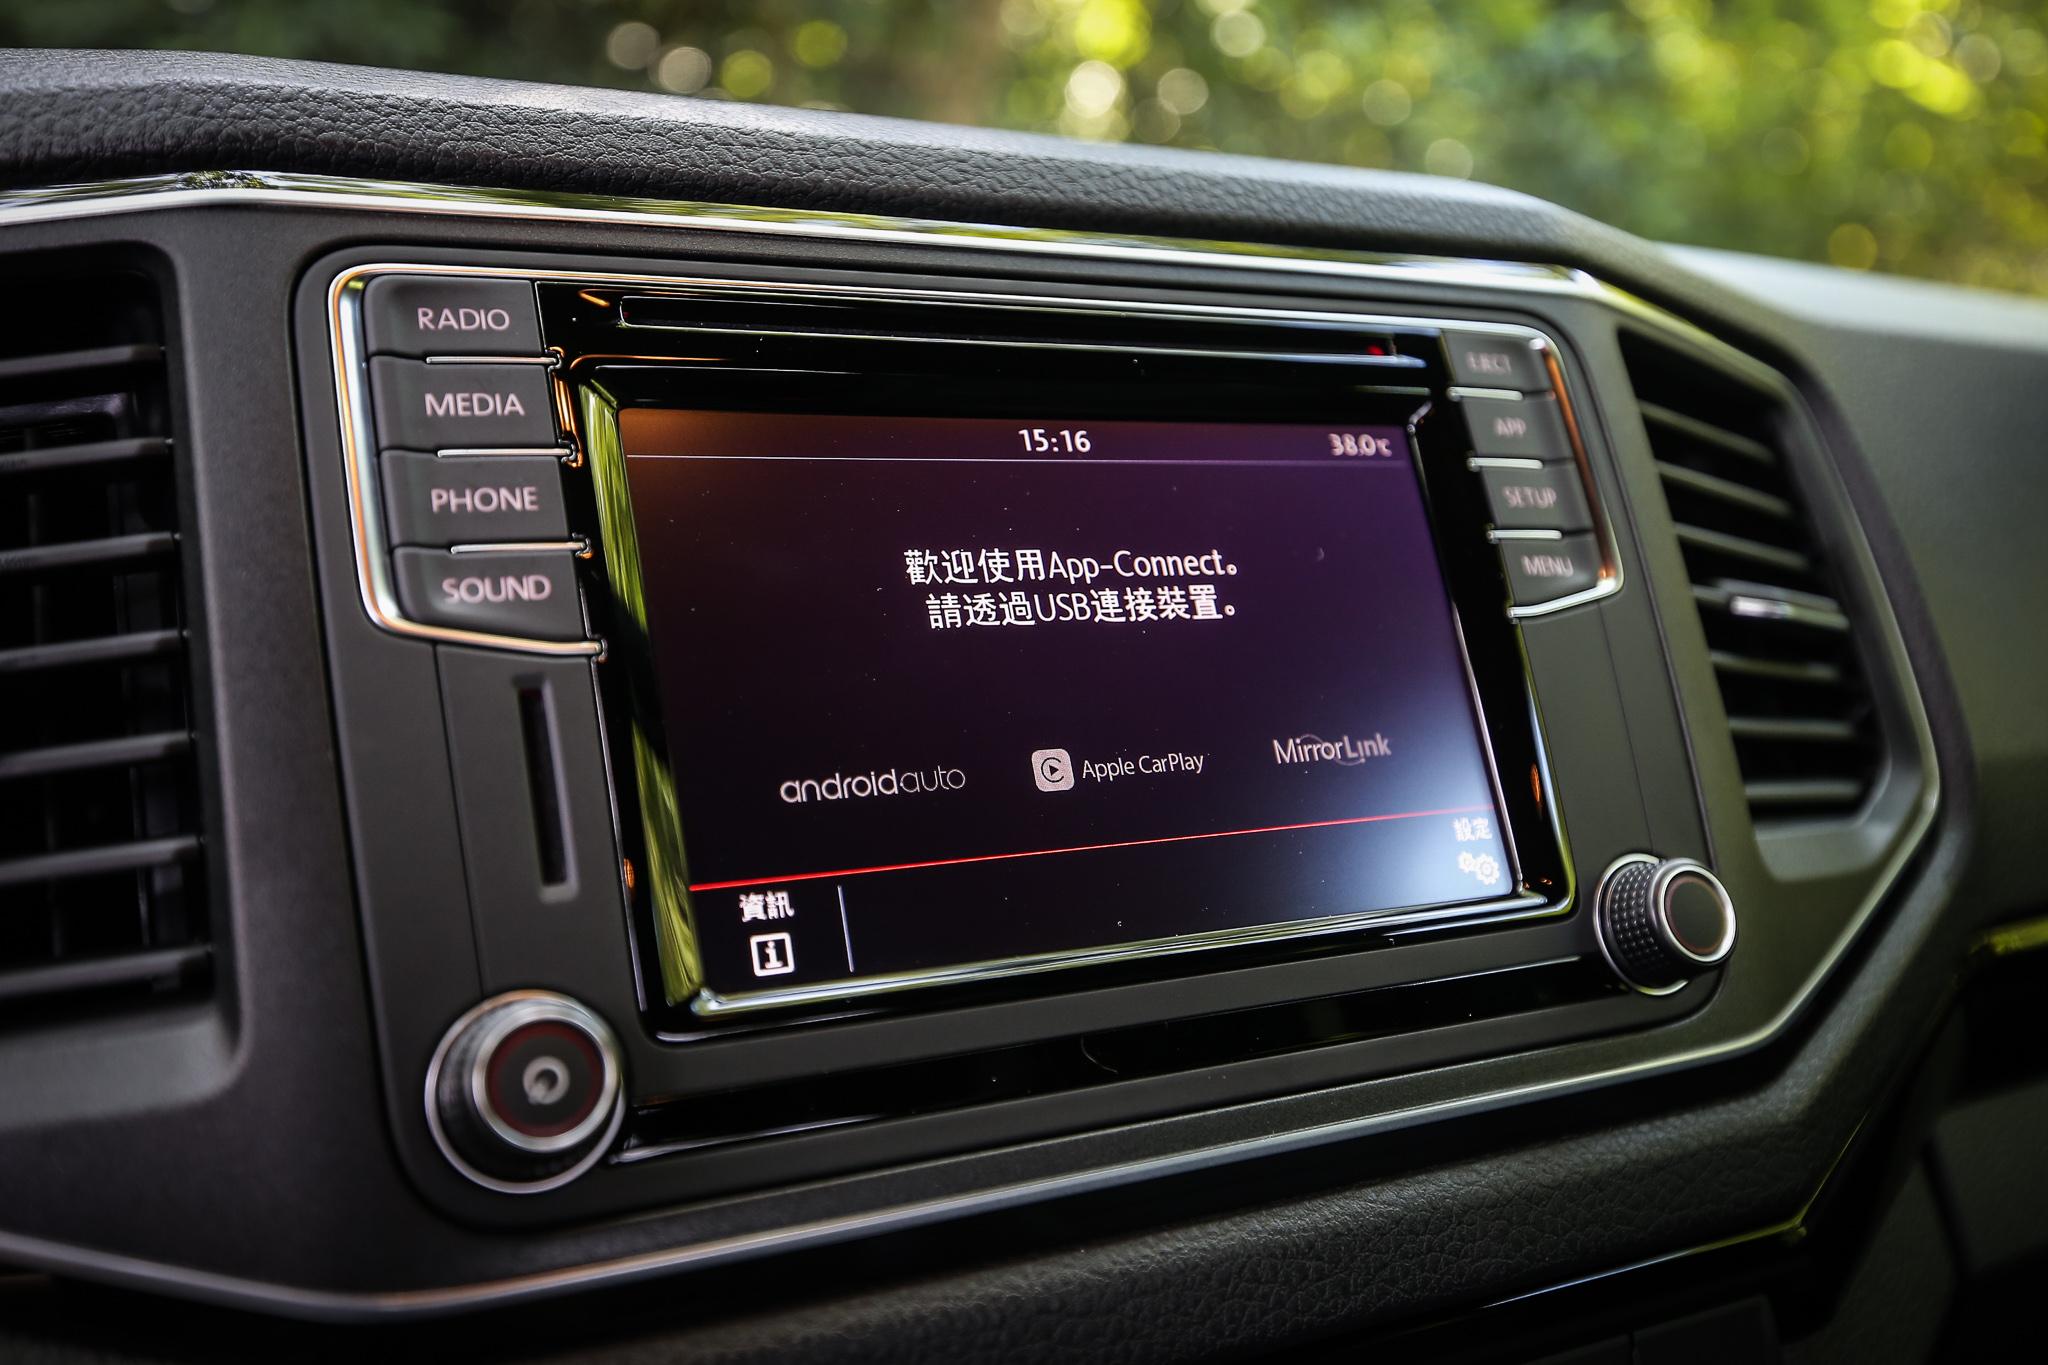 標配支援 Apple Car Play 與 Android Auto 的 App Connect 手機多媒體連結功能與 6.33 吋觸控式 Composition Media 音響系統。